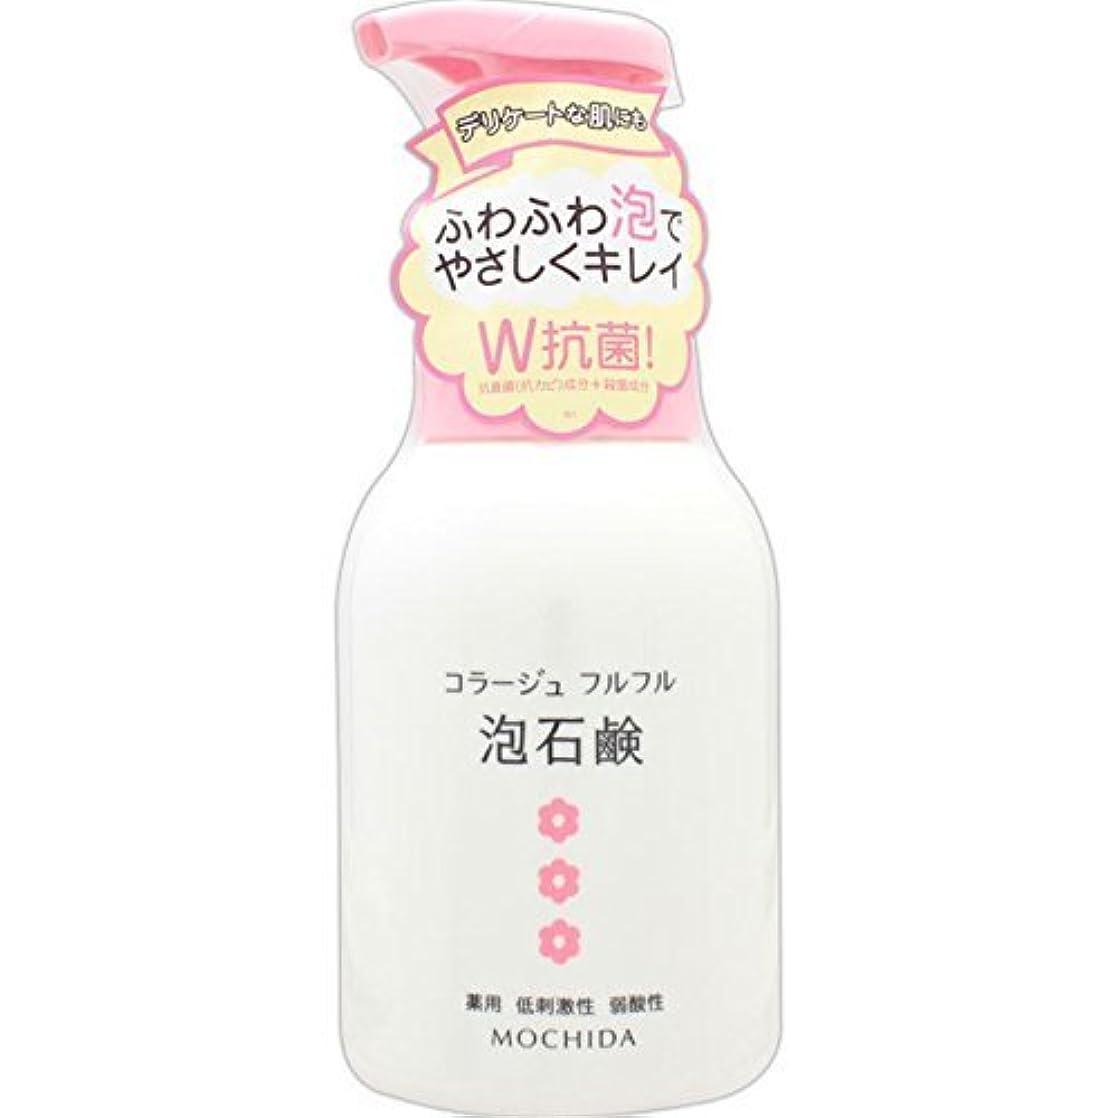 医学包帯中毒コラージュフルフル 泡石鹸 ピンク 300m L (医薬部外品) ×9